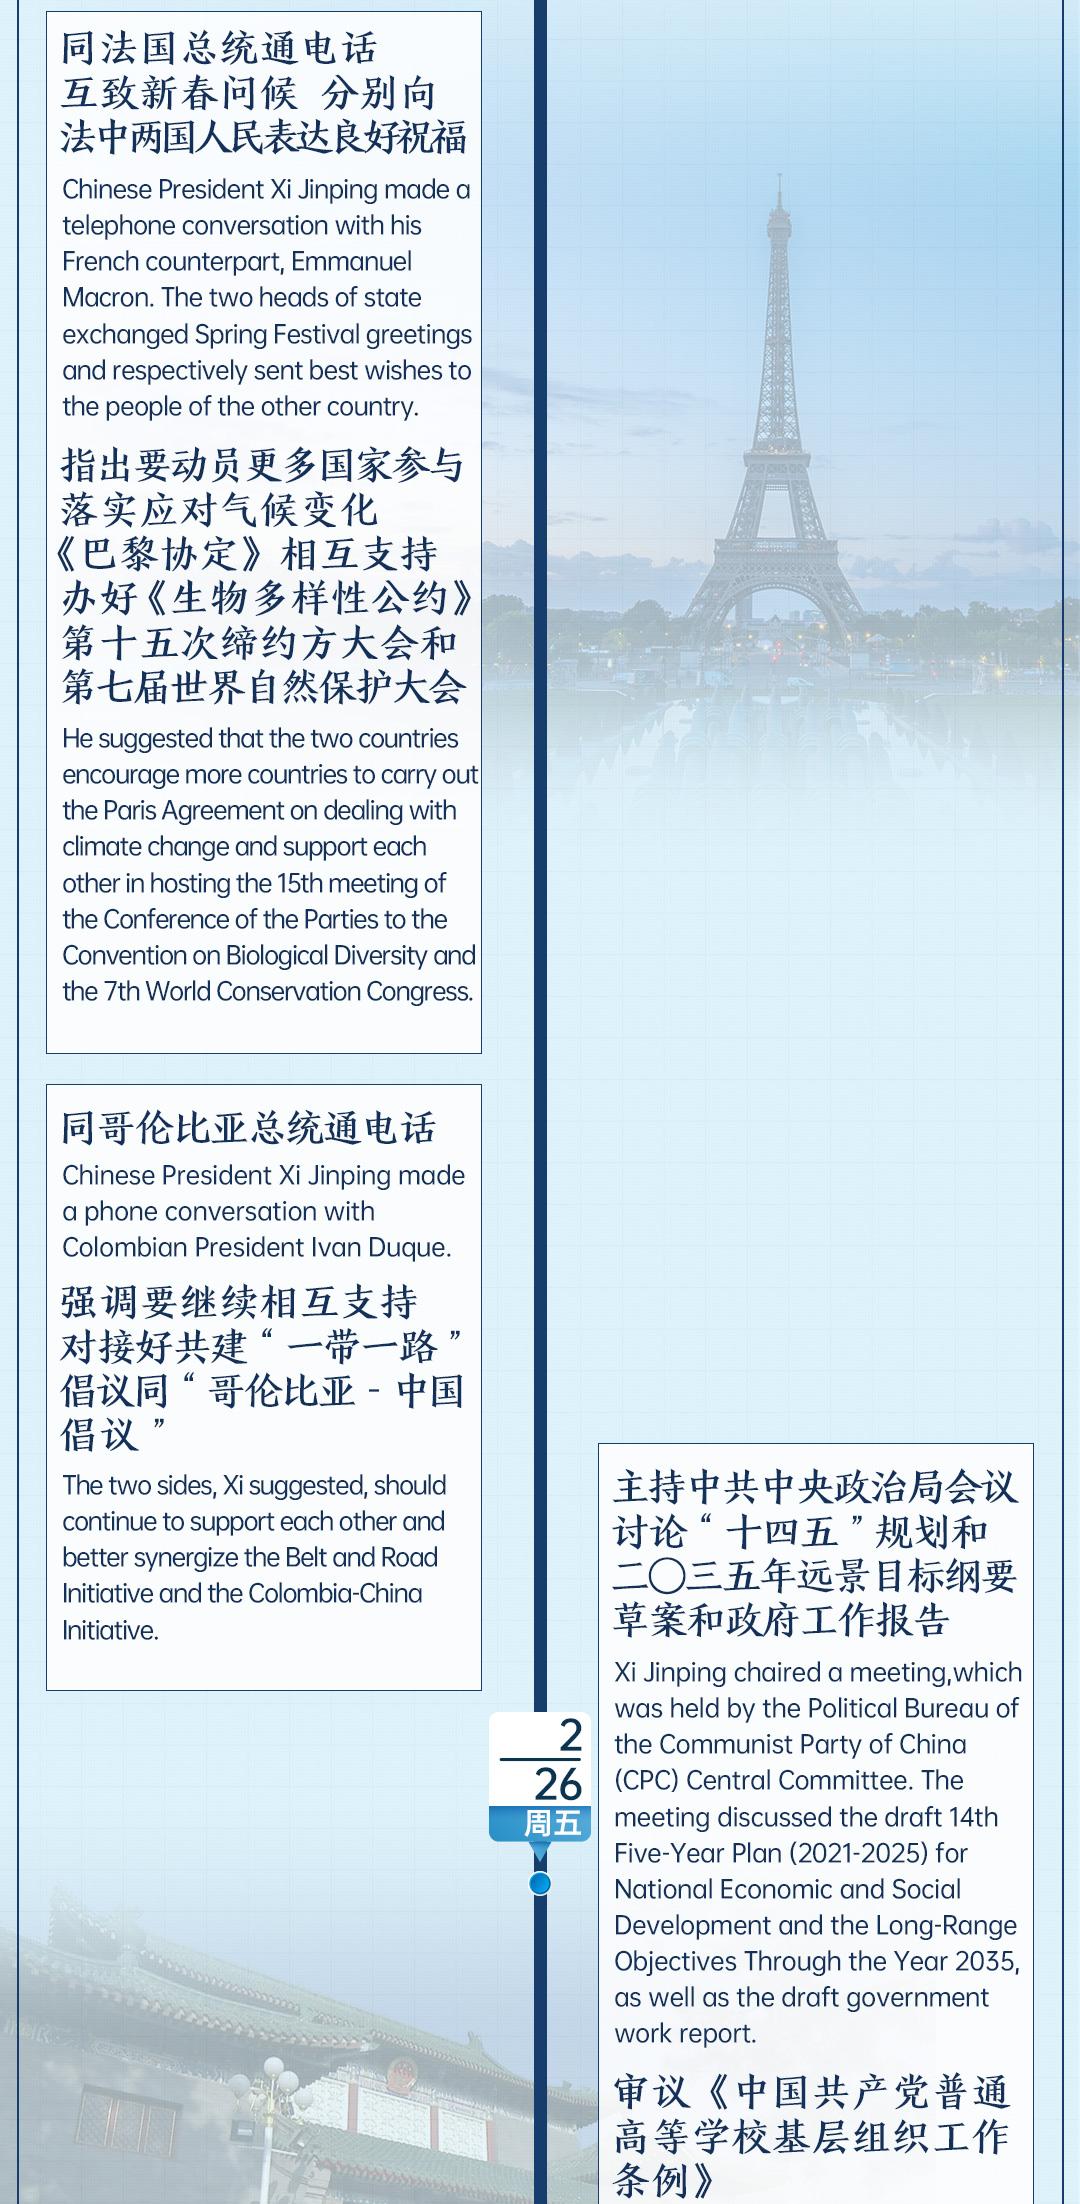 时政微周刊丨总书记的一周(2月22日—2月28日)